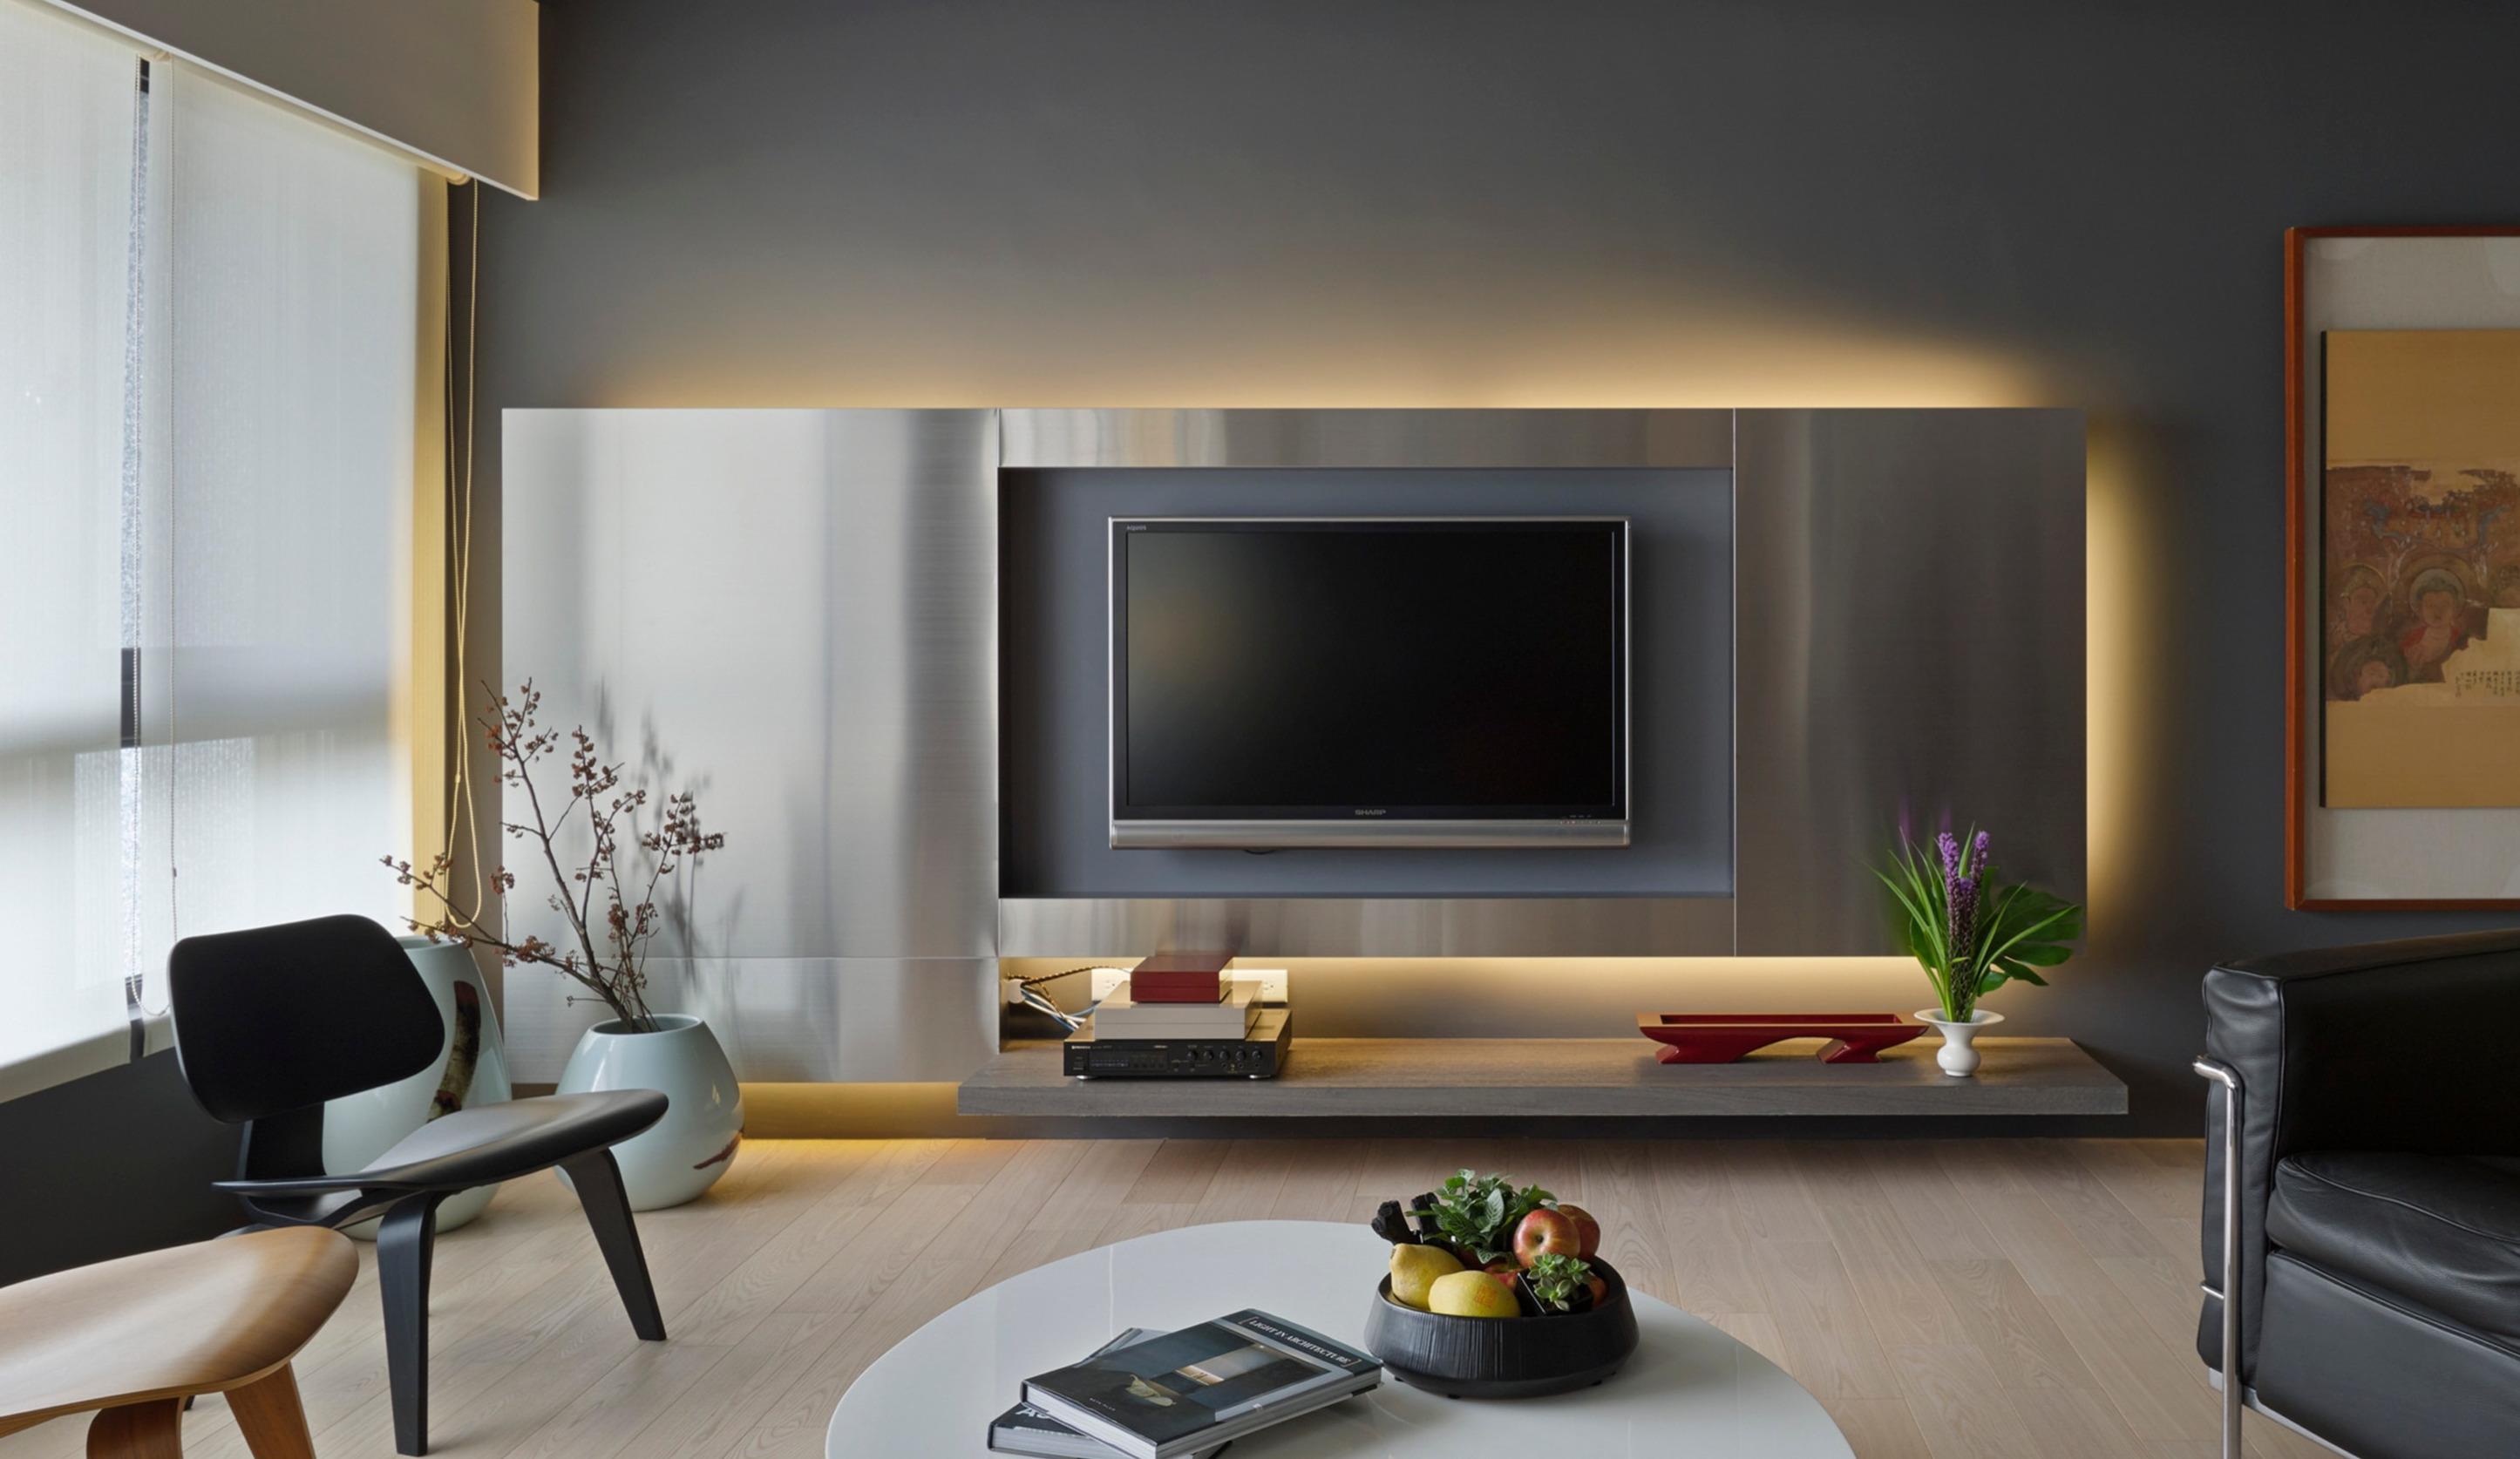 室內設計視頻 本質